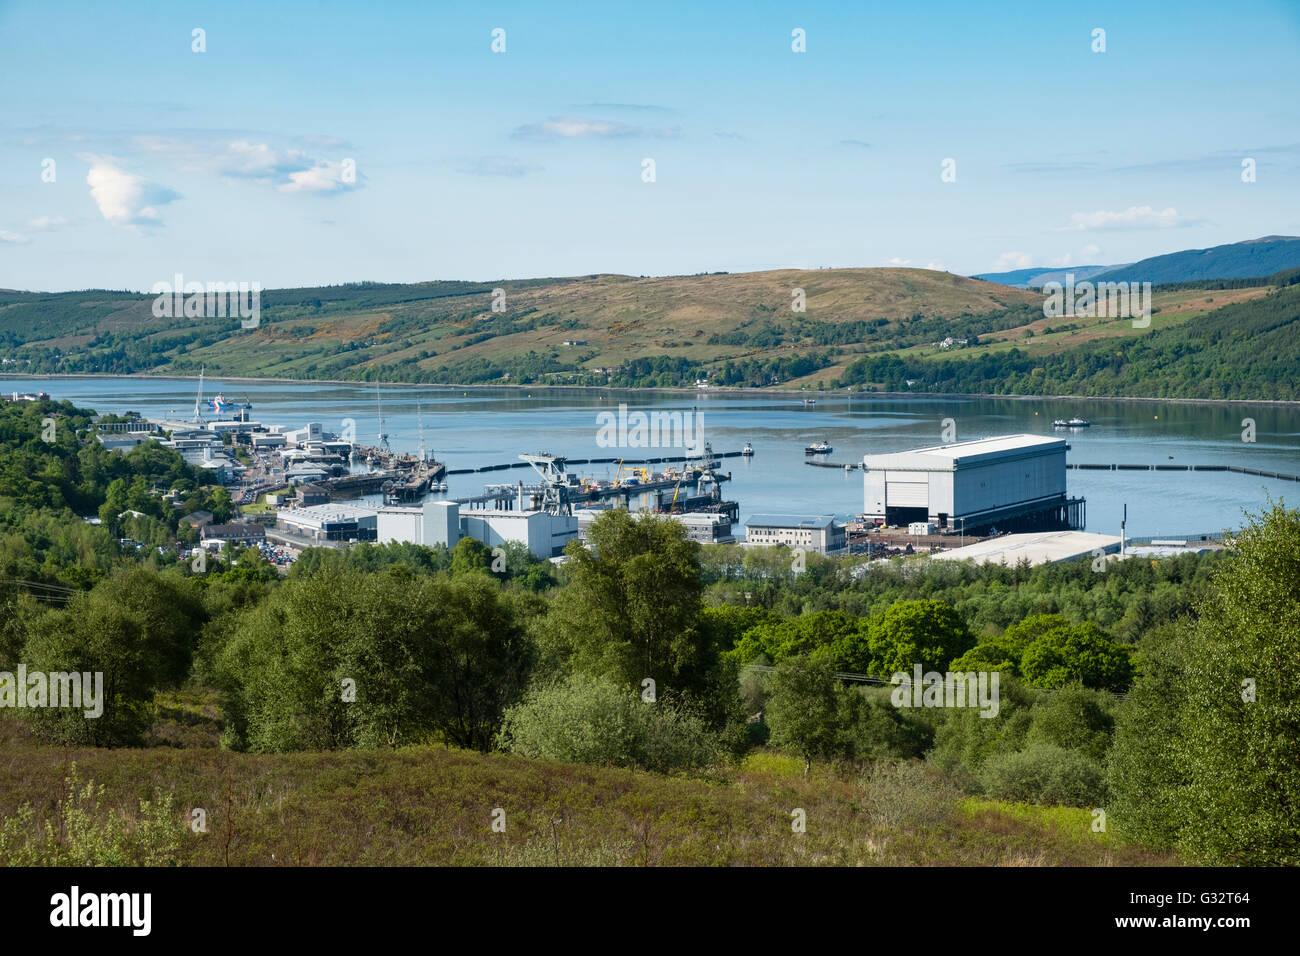 Ansicht der Royal Navy Base, Clyde, in Faslane am Gare Loch in Argyll und Bute Schottland Vereinigtes Königreich Stockbild